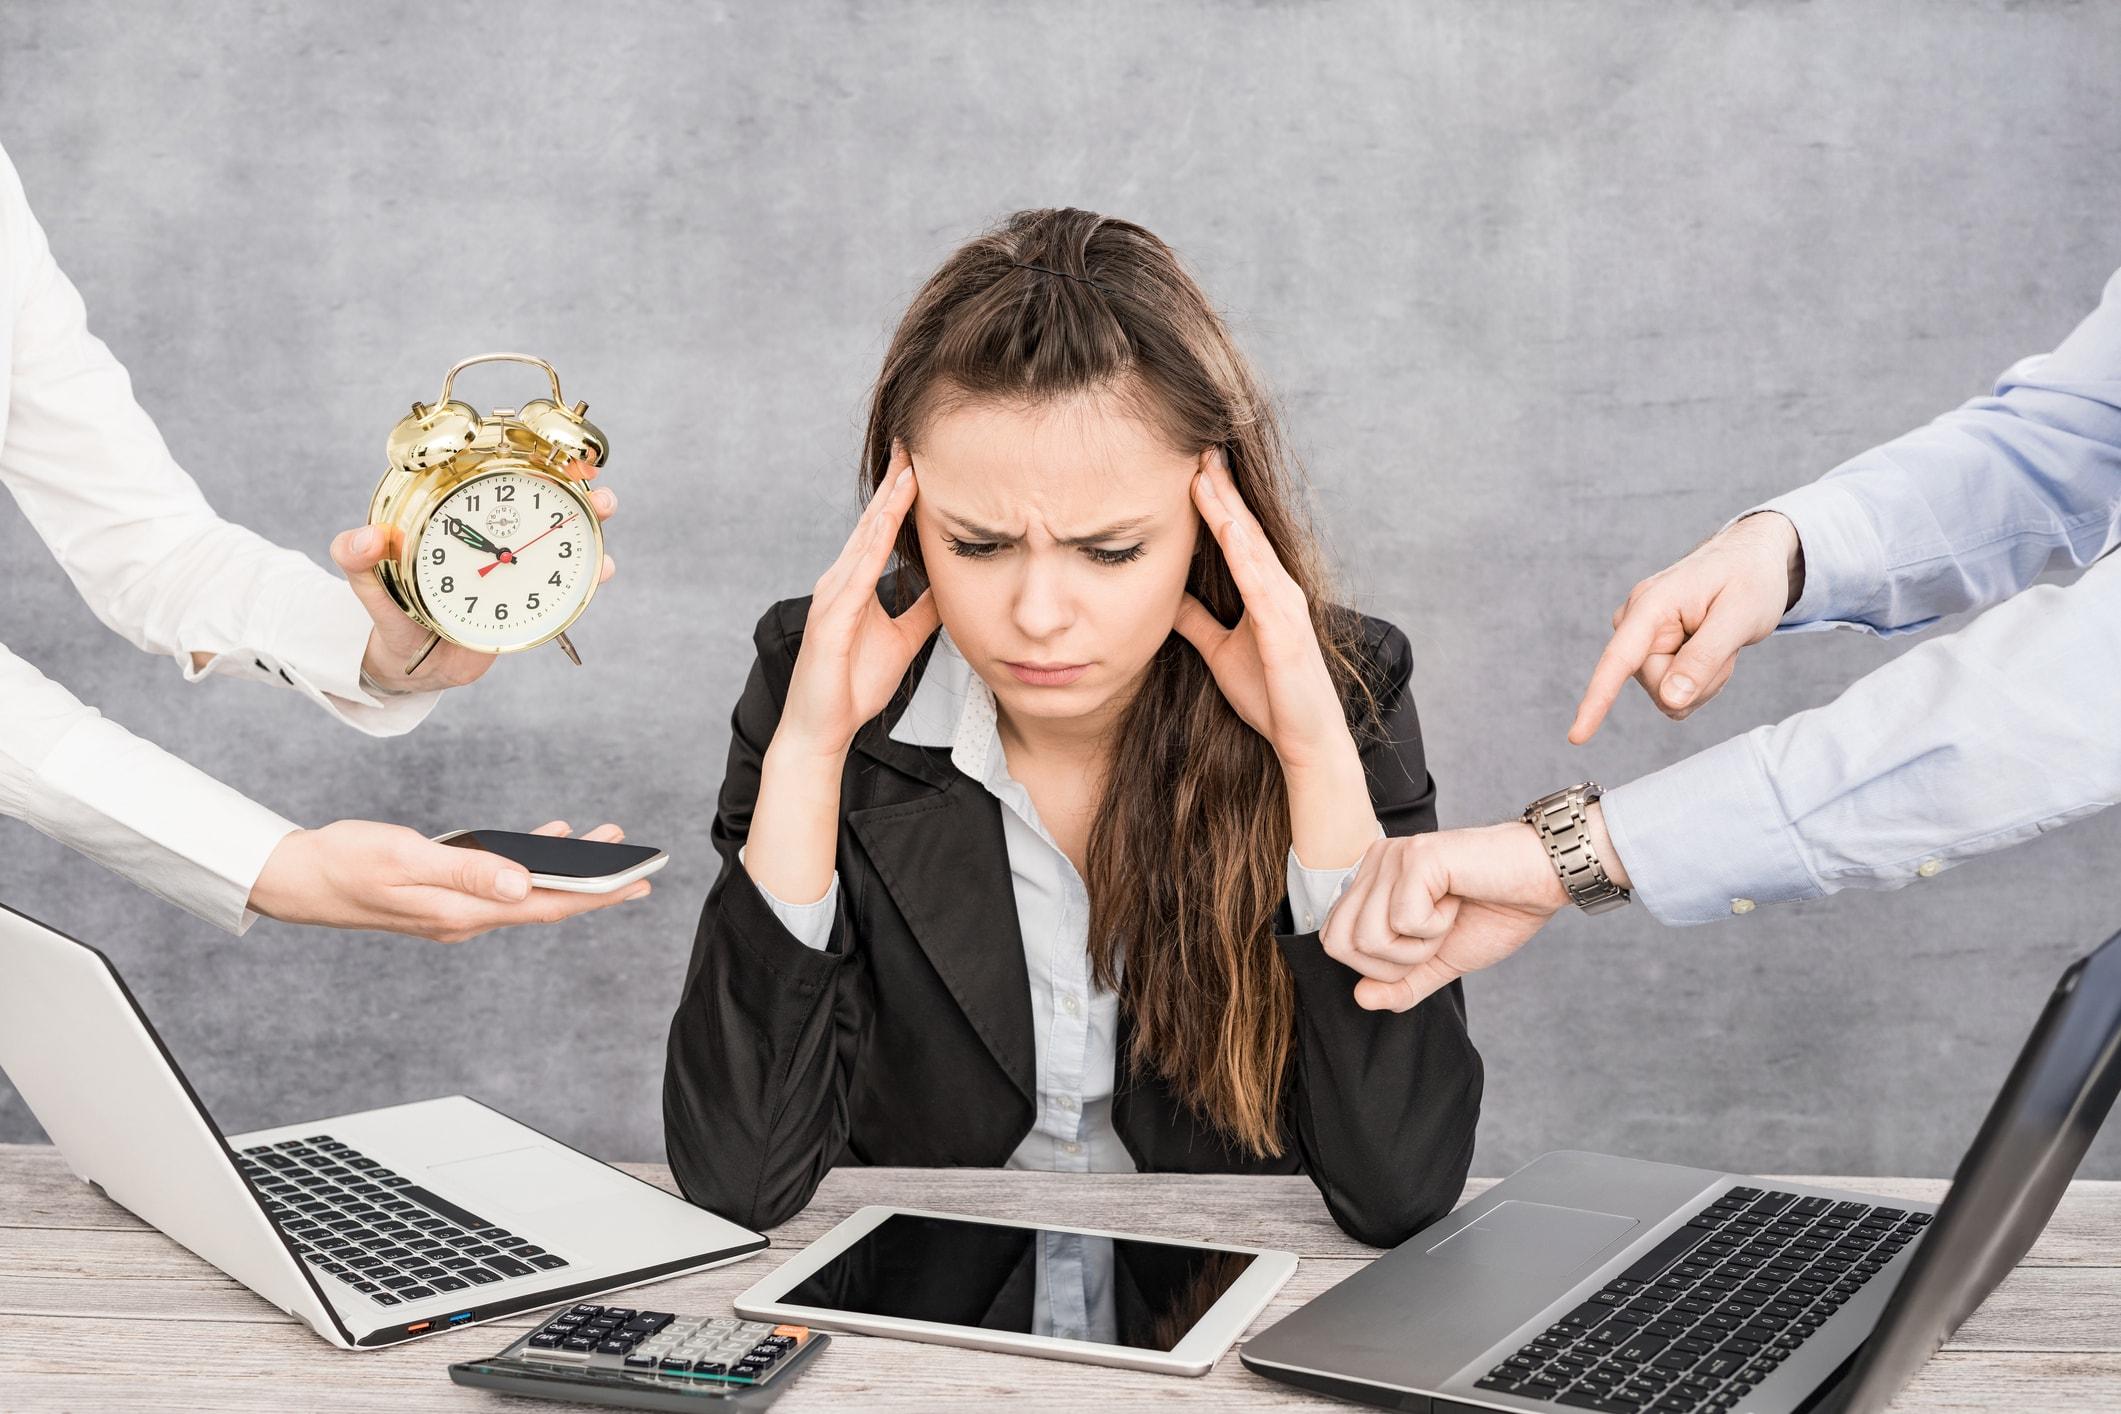 Es existiert eine Korrelation zwischen Stress und Haarwachstum